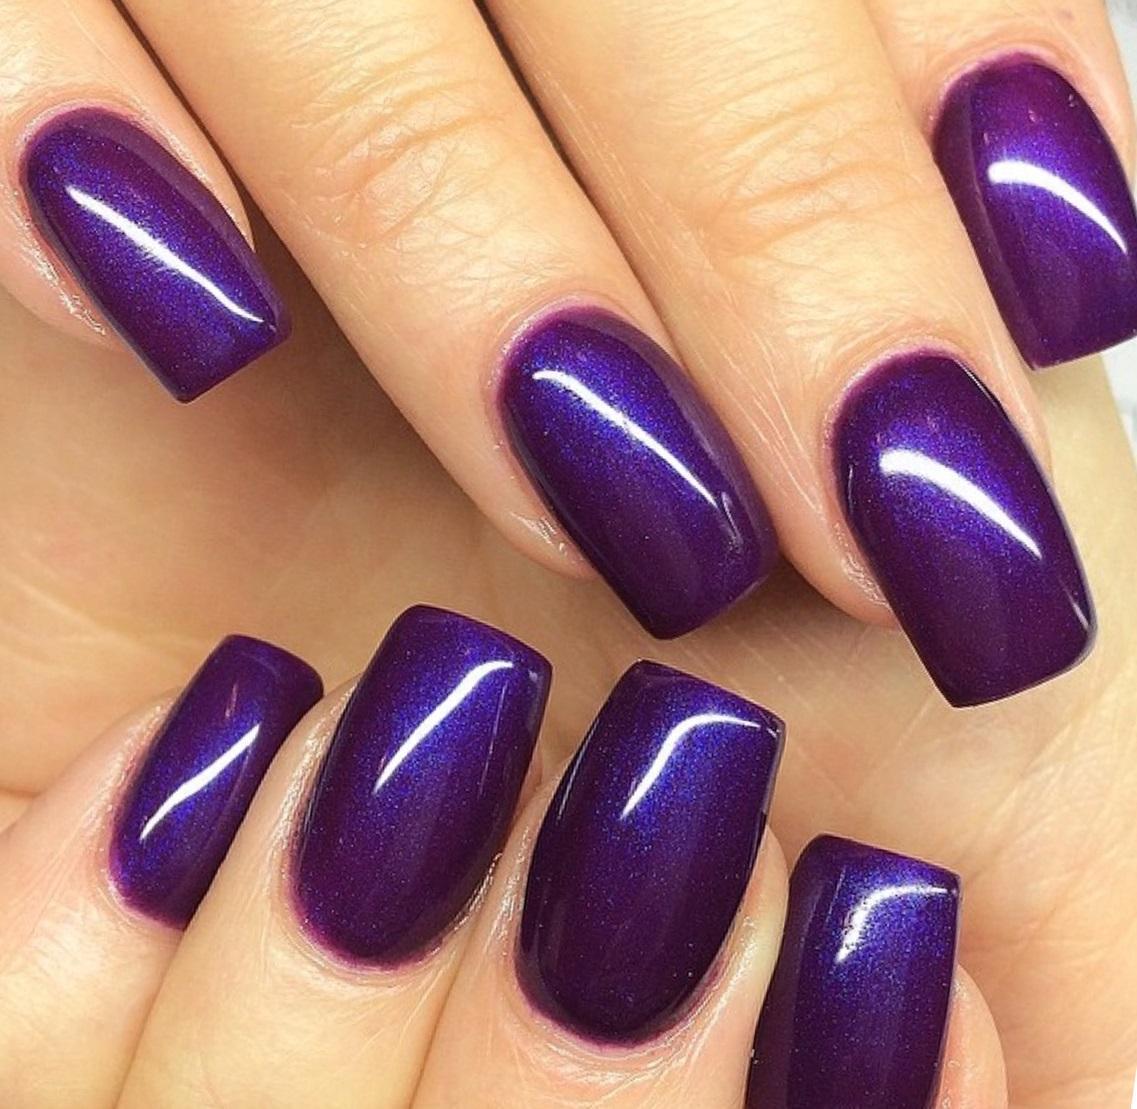 Голографический фиолетовый маникюр на длинные ногти